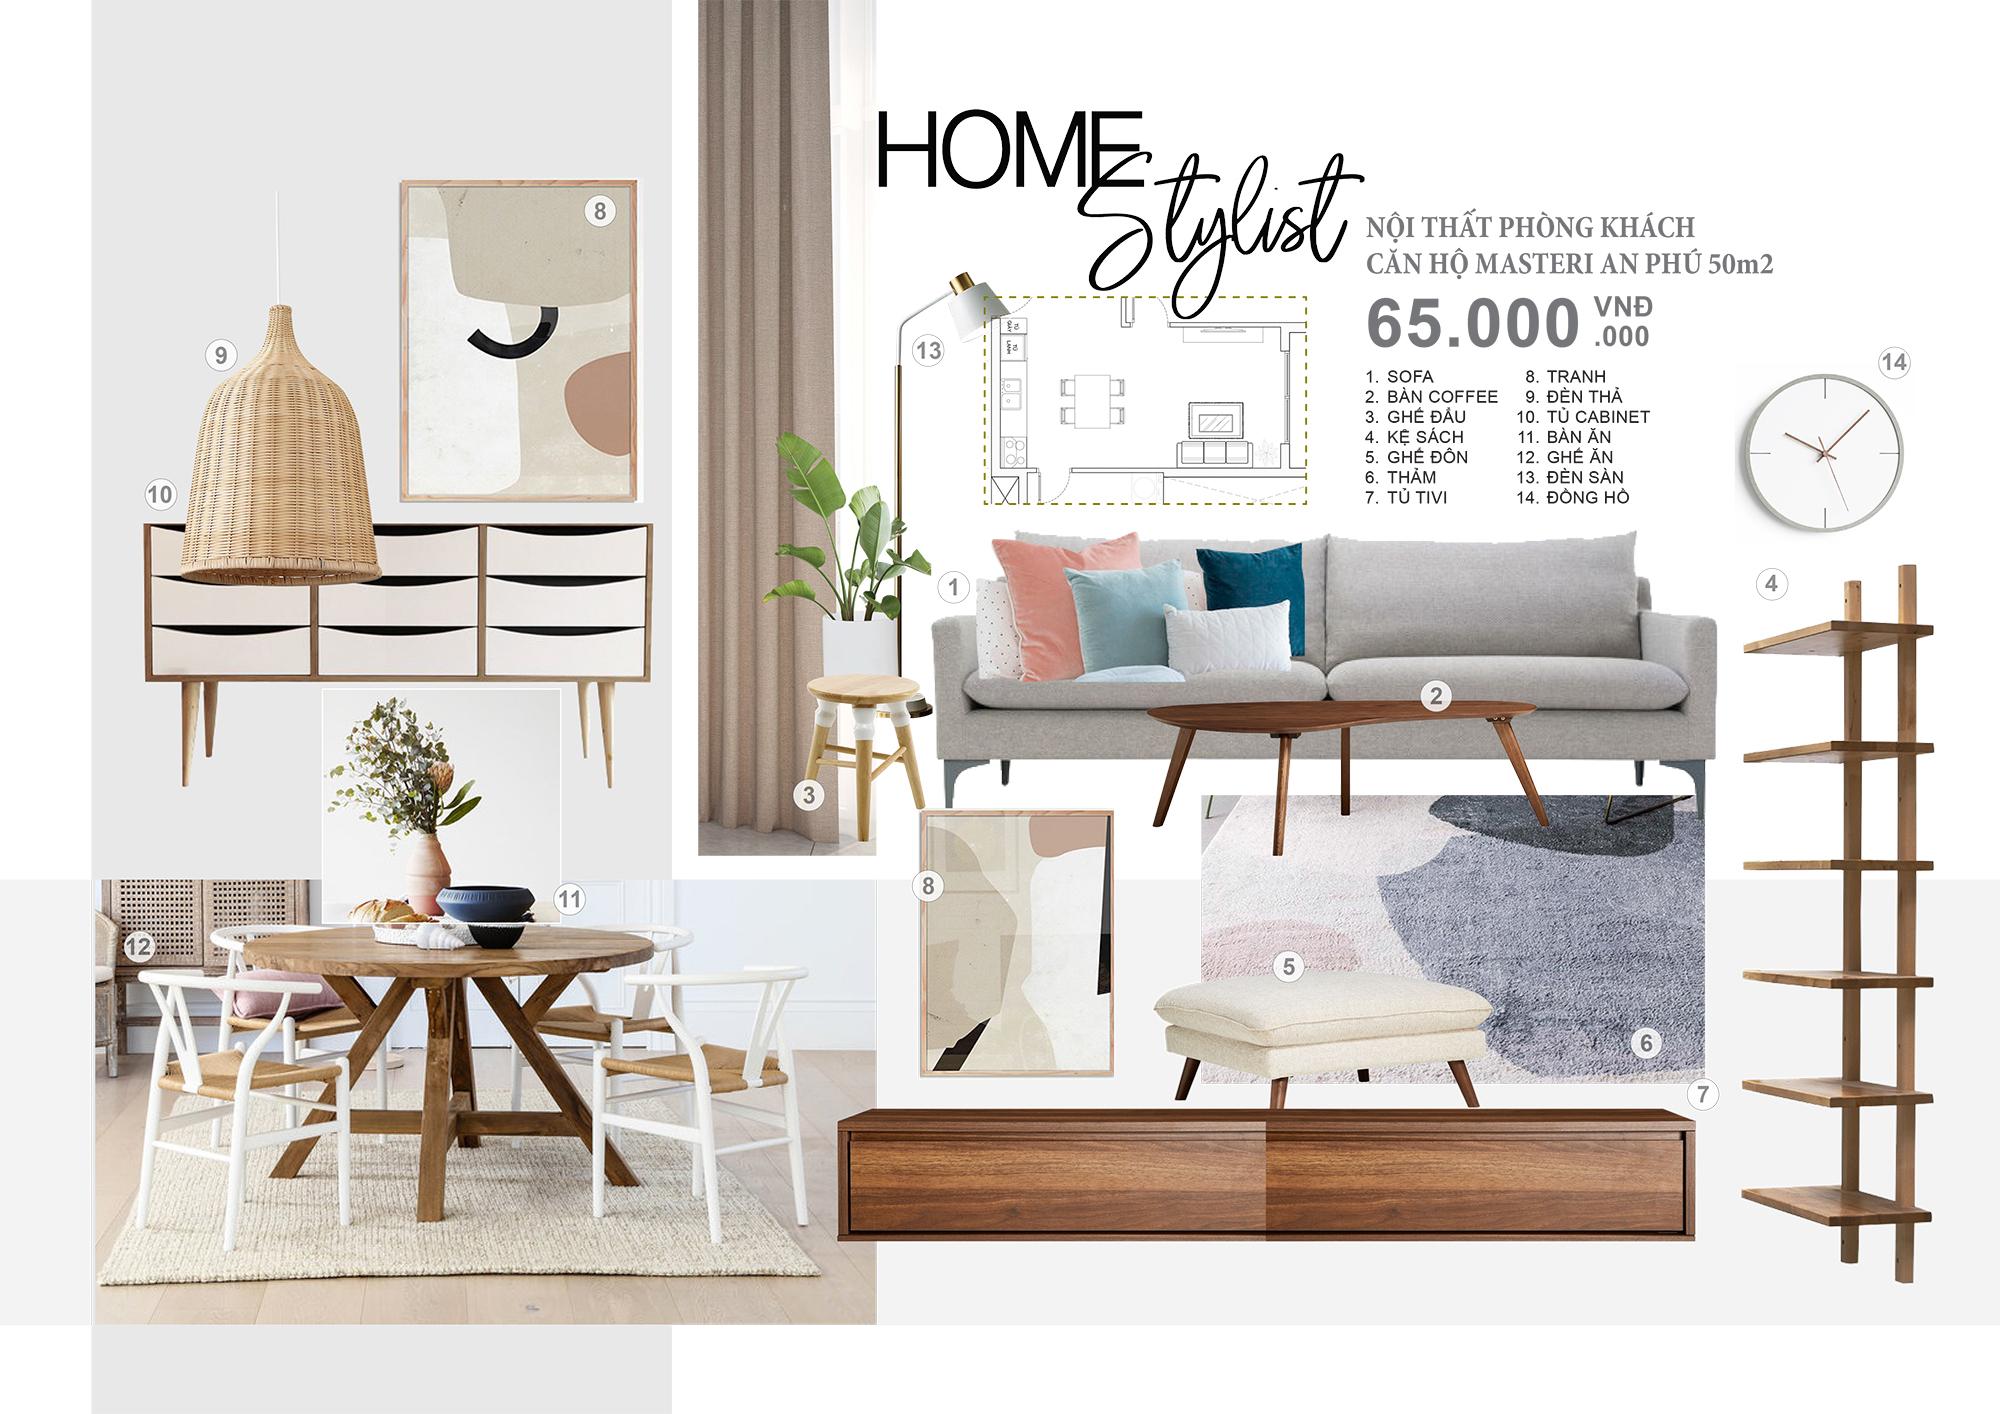 Concept nội thất phòng khách căn hộ Masteri - Không gian phòng khách là ấn tượng đầu tiên của gia chủ và khách tham quan.Với bộ concept này bạn sẽ không còn băn khoăn về cách sắp xếp và lựa chọn đồ nội thất như thế nào cho hợp lý. Mẫu concept với nội thất cao cấp phù hợp cho những phòng khách 50m2, căn hộ masteri.